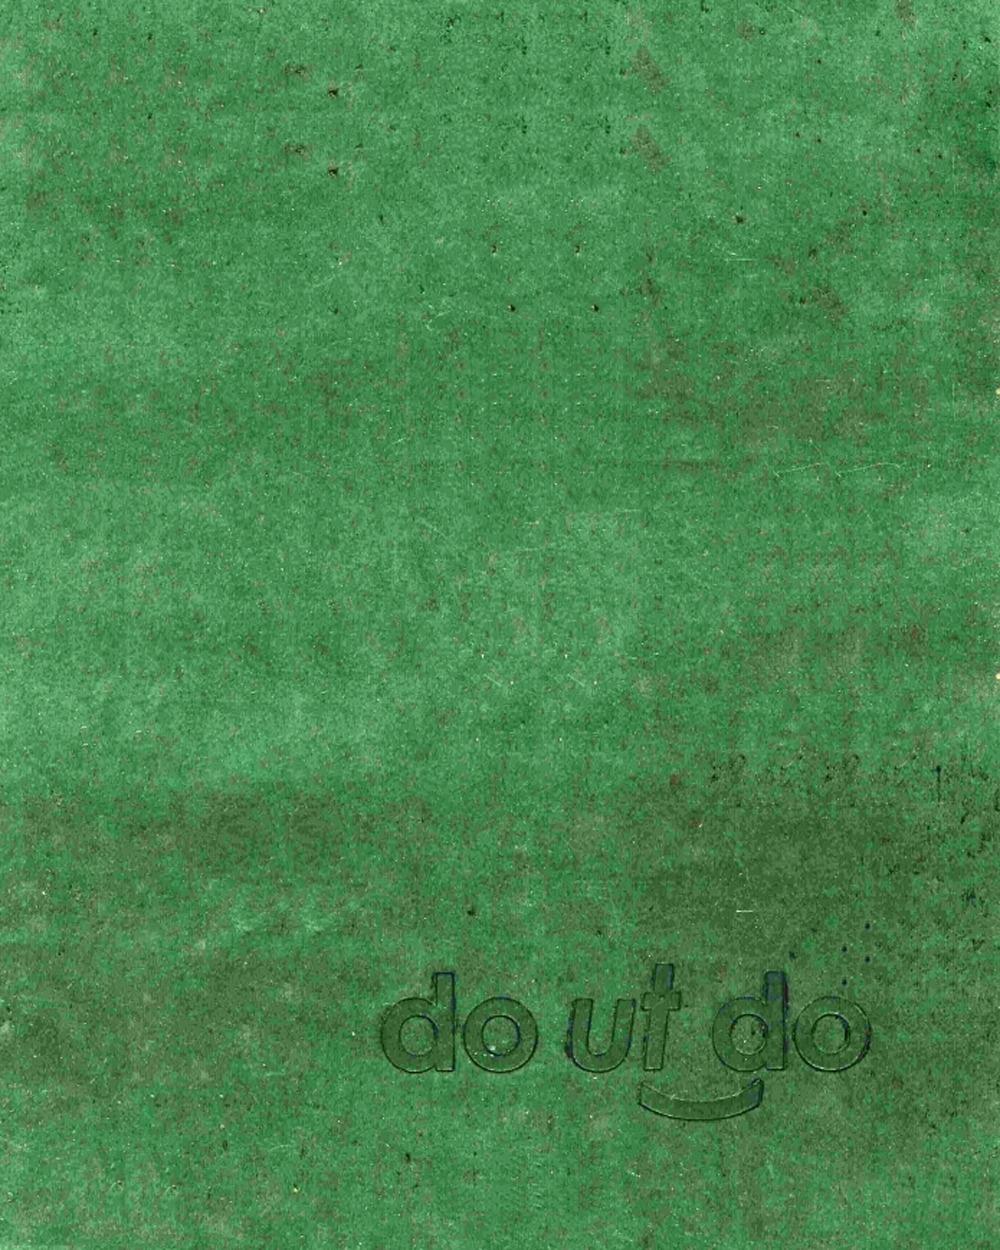 Do Ut Do. 2014. Design